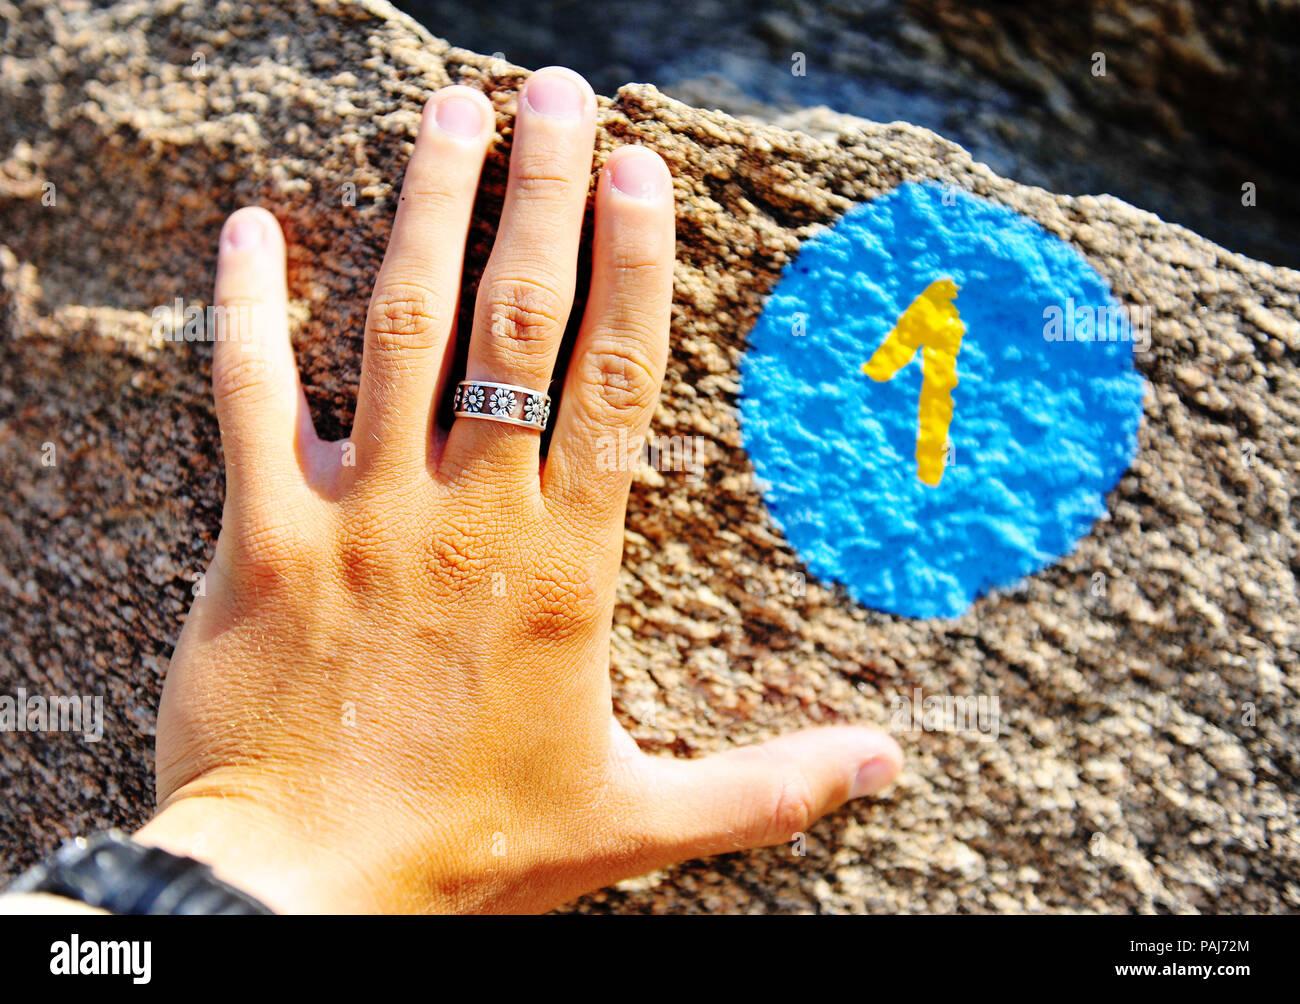 Mano con número 1 signo de trekking en piedra Imagen De Stock